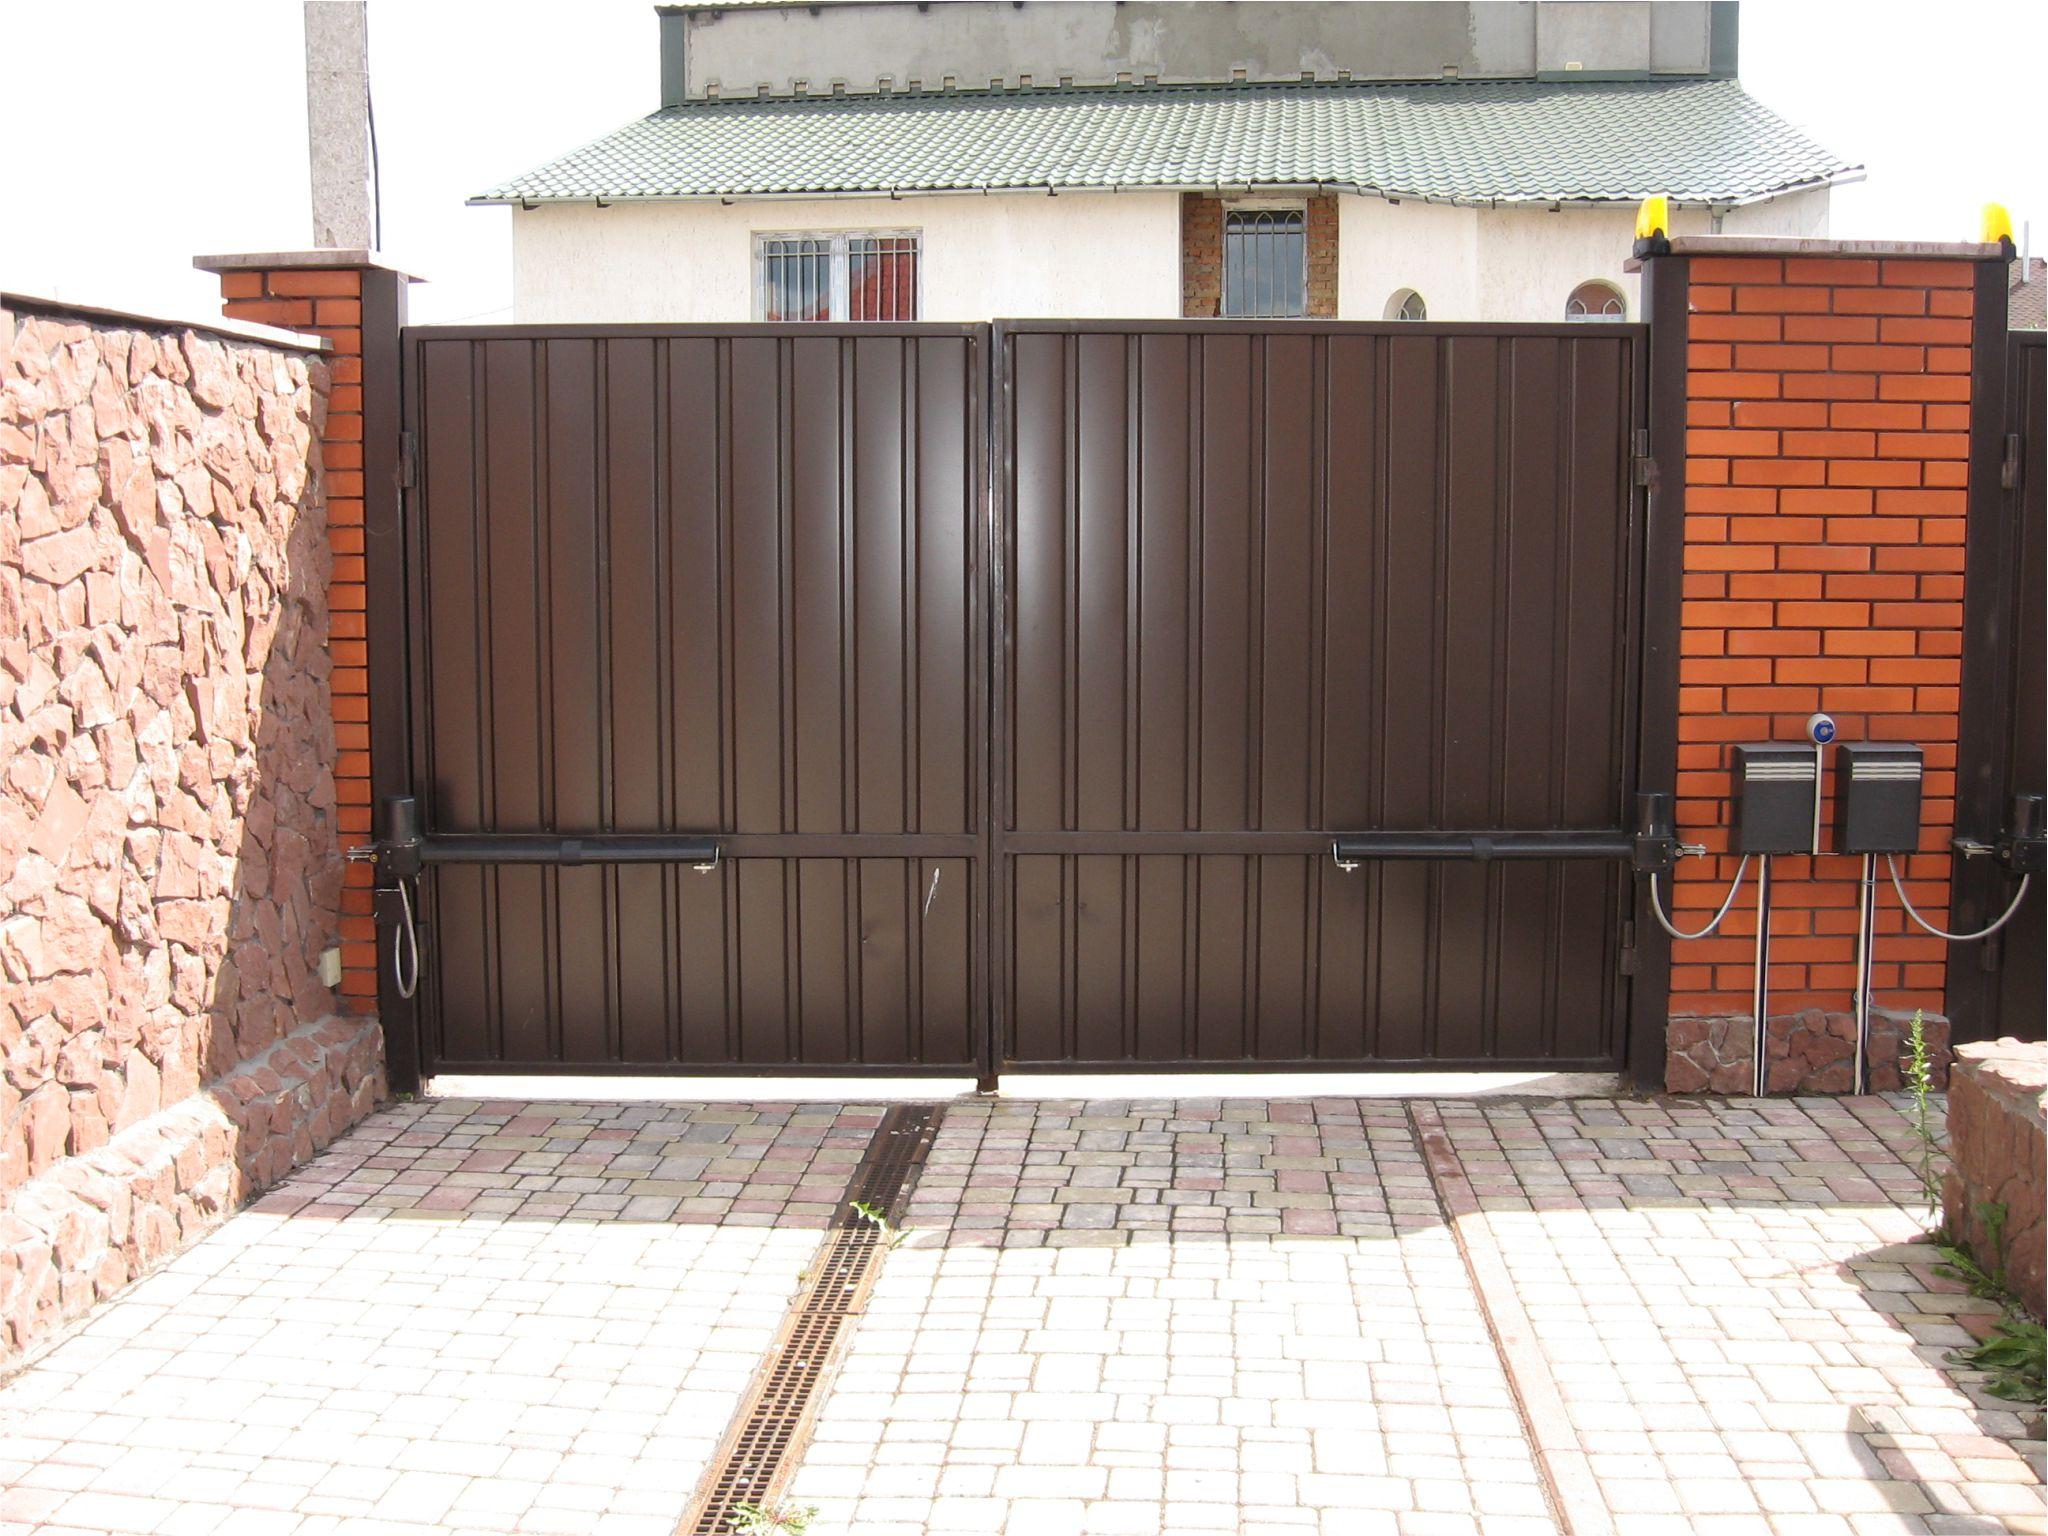 Раздвижные ворота в твери 89607145455 колибри ворота пермь